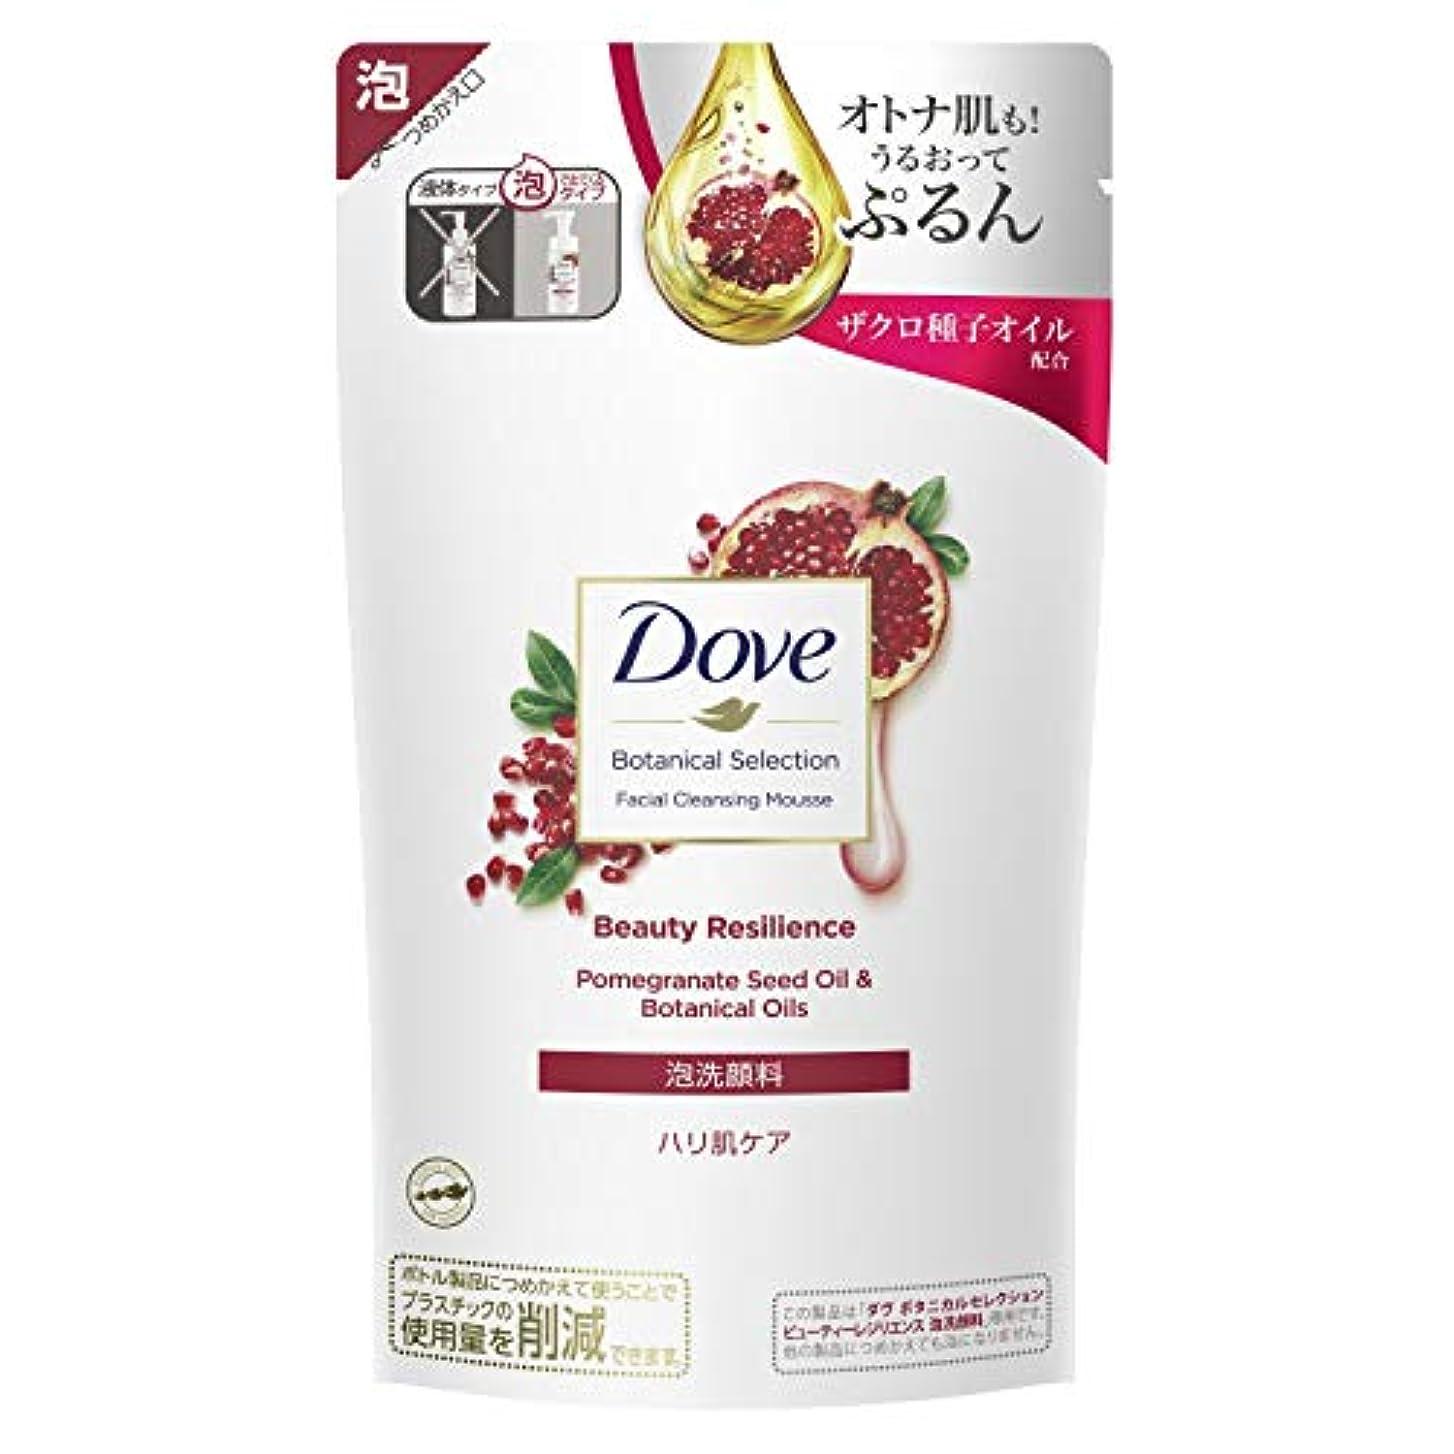 アーサーアブストラクト箱Dove(ダヴ) ダヴ ボタニカルセレクション ビューティーレジリエンス 泡洗顔料 つめかえ用 135mL